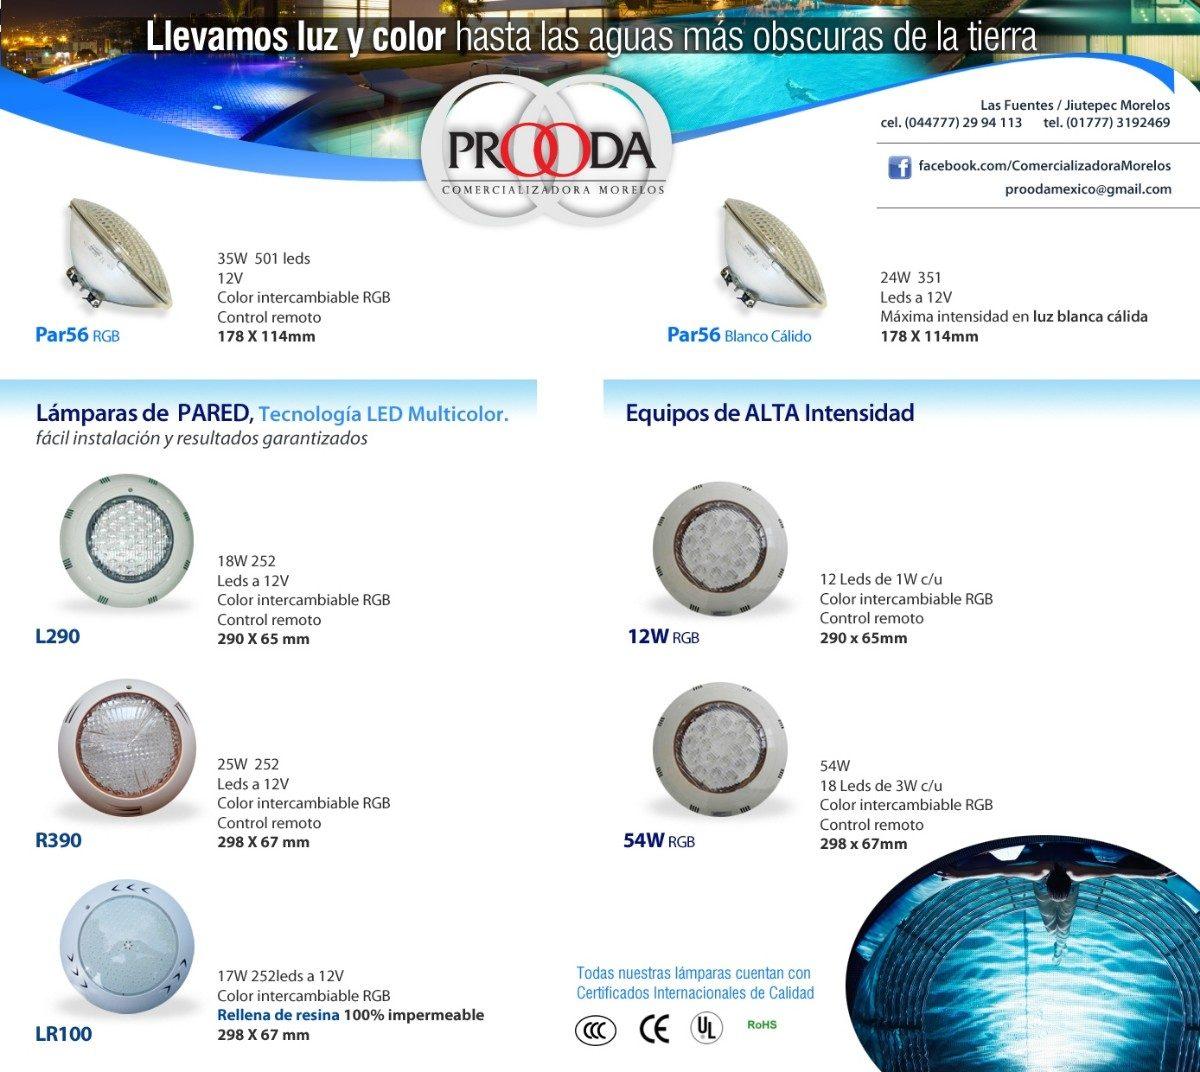 Iluminaci n para alberca led 54w 3 en mercado libre for Iluminacion para albercas